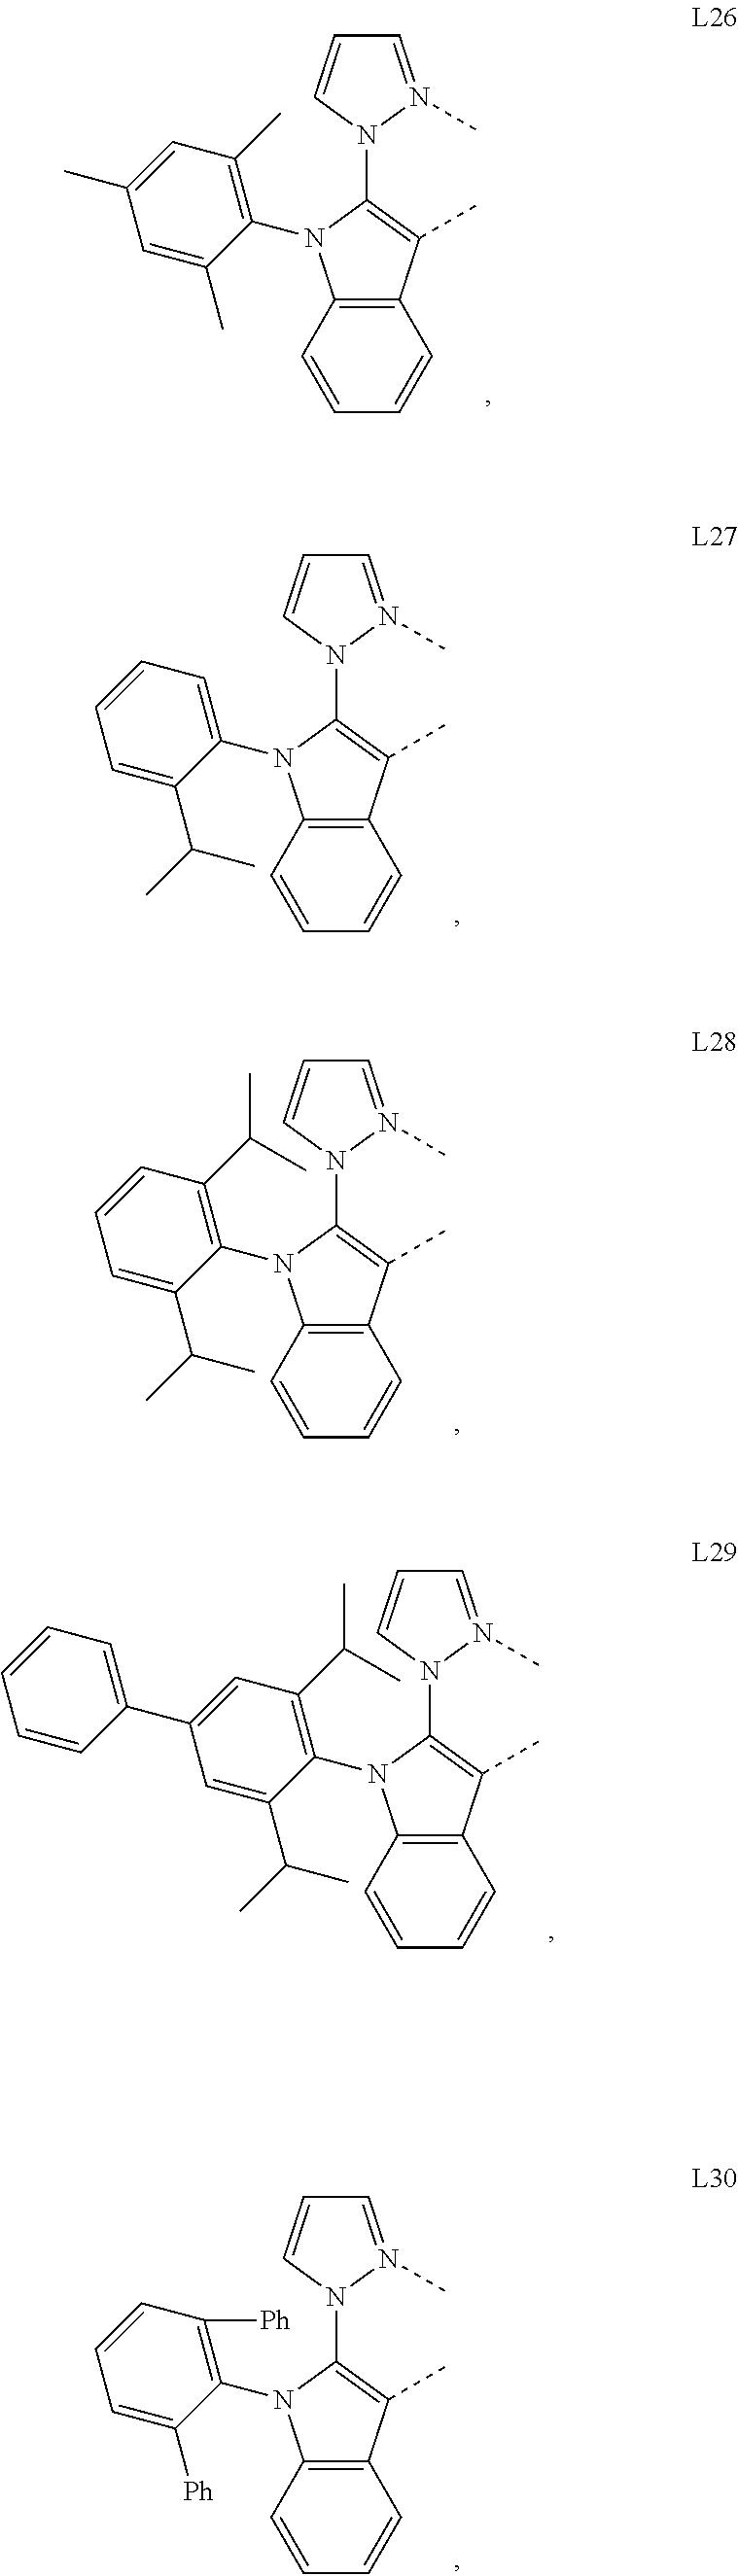 Figure US09935277-20180403-C00010